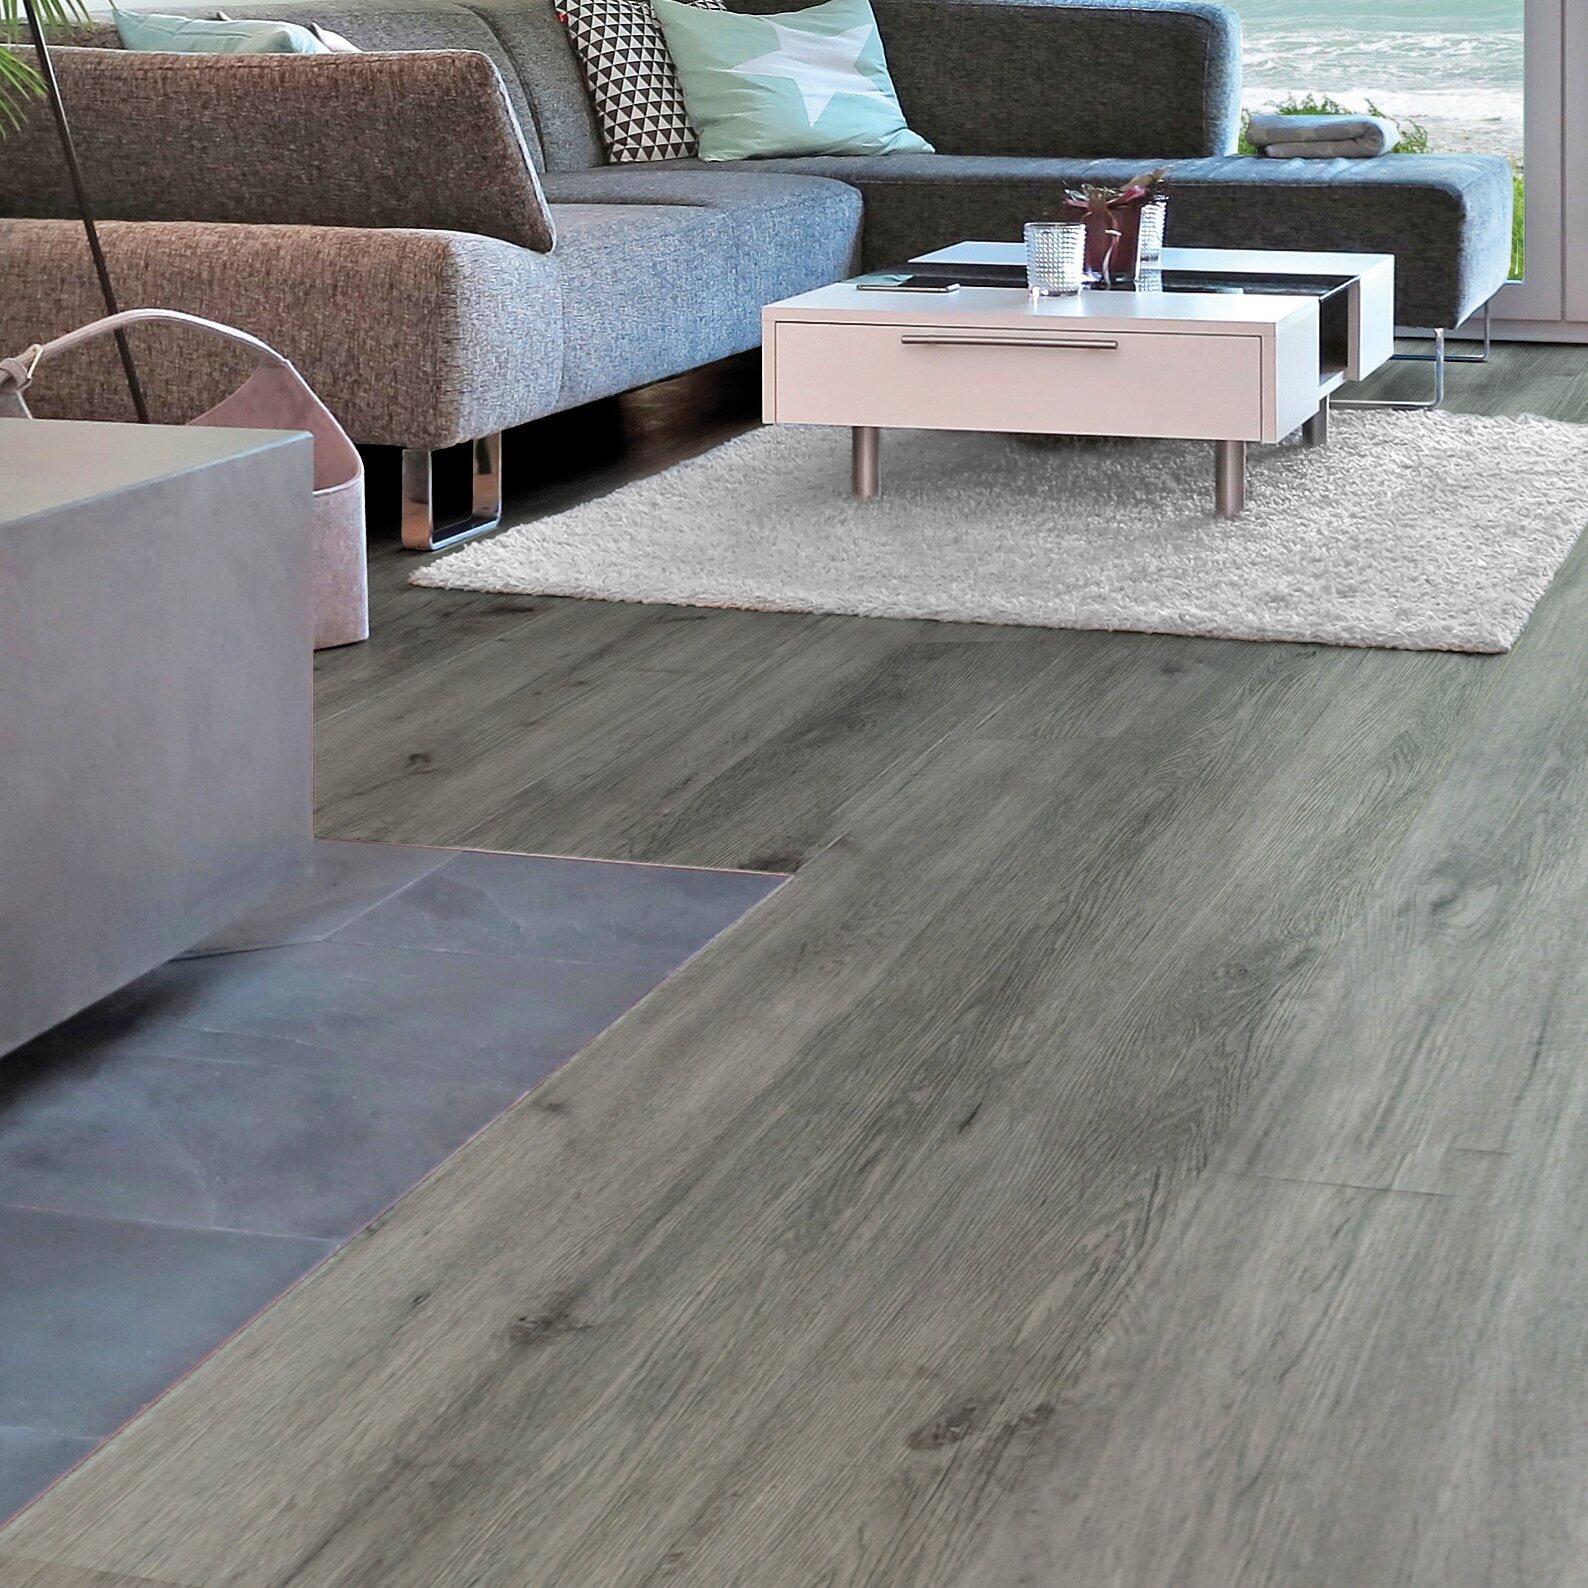 Albero valley seaside 7 x 48 6 3mm luxury vinyl plank